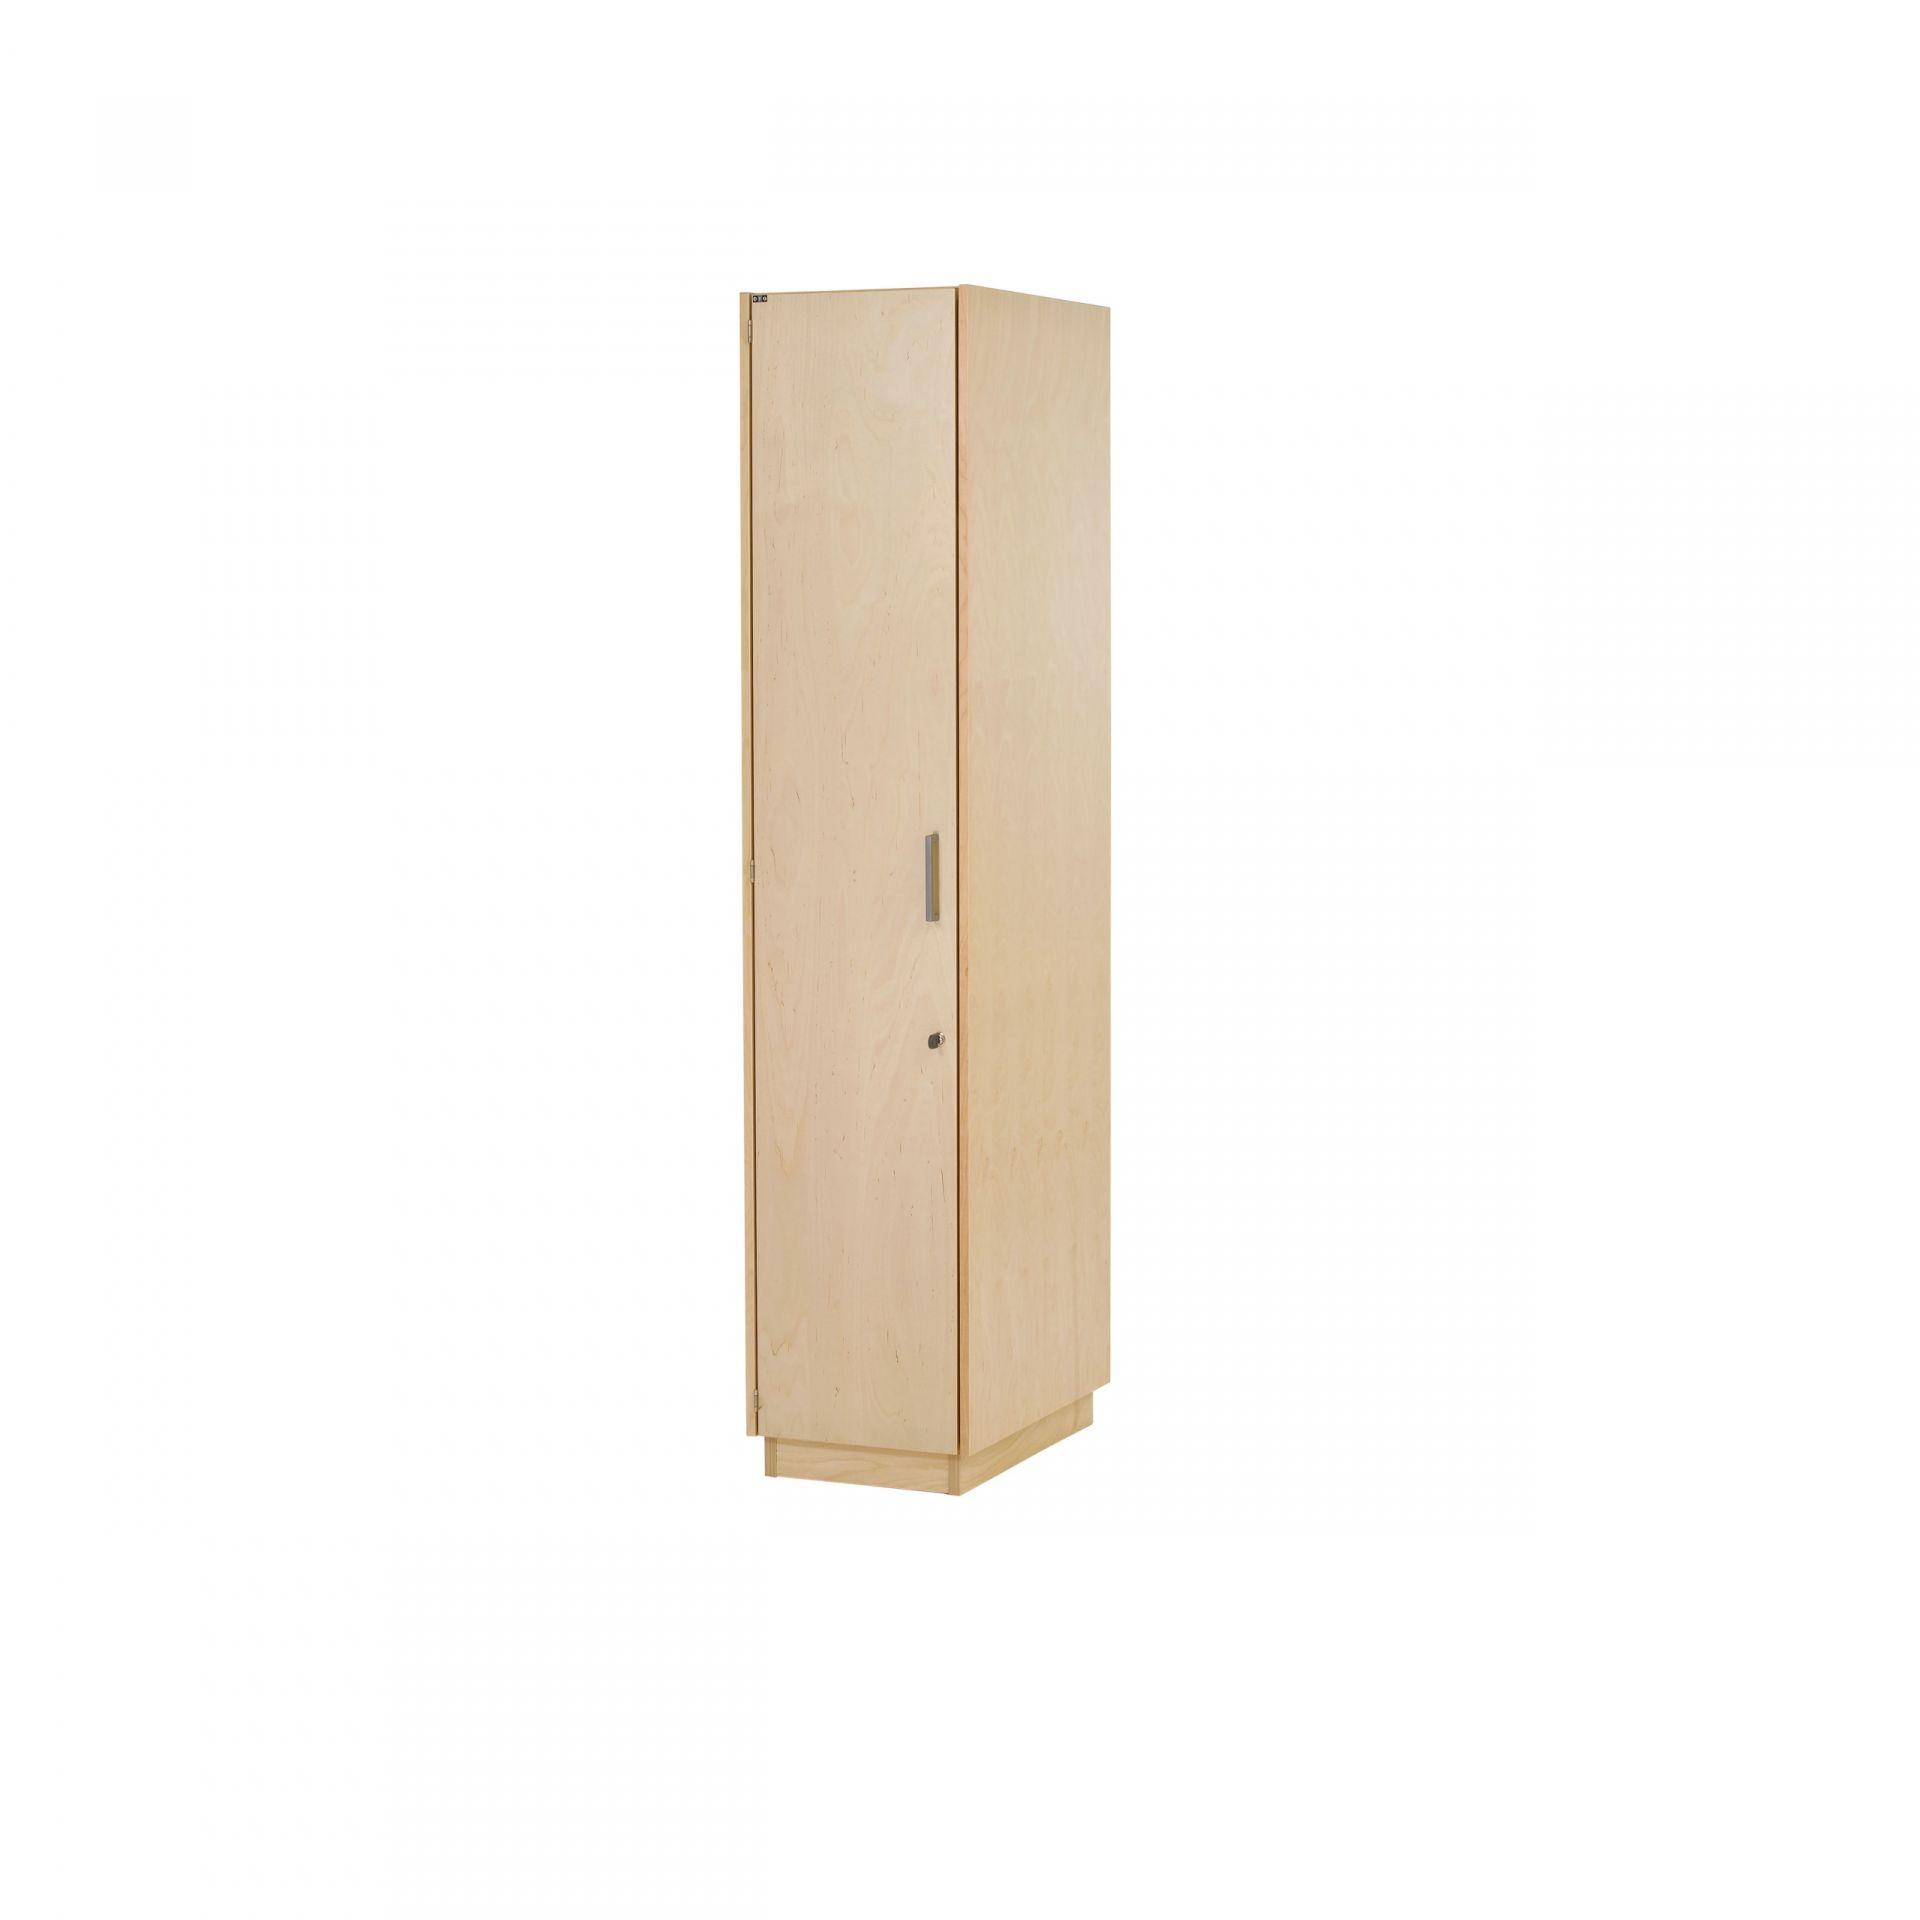 Storage Förvaring med hyllor, dörrar och lådor produktbild 4